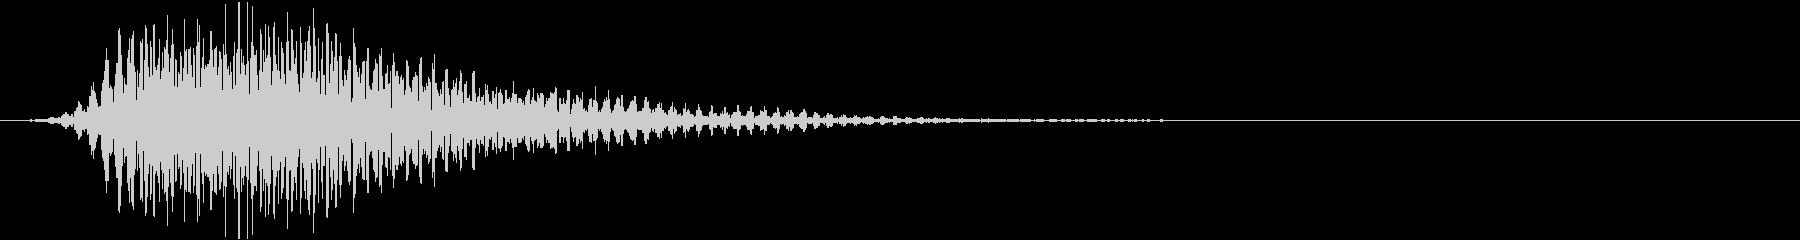 やわらかな電子音によるサウンドロゴの未再生の波形